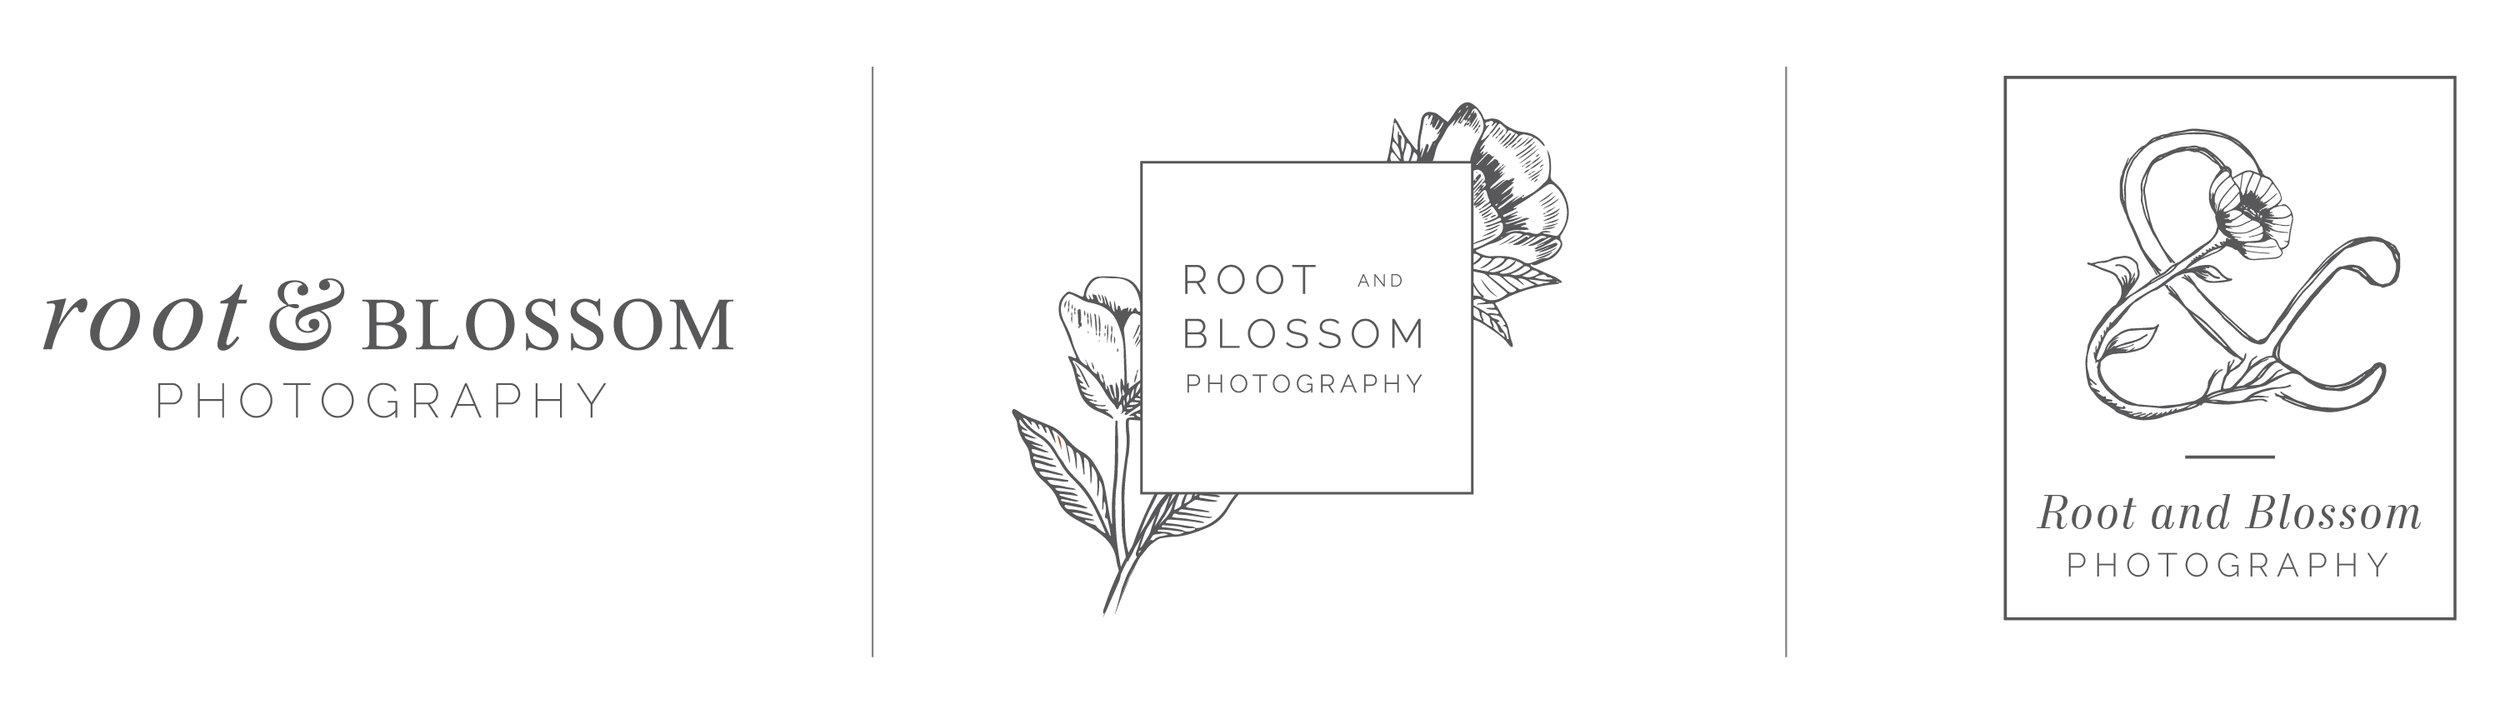 Root&Blossom_BrandReveal-01.jpg